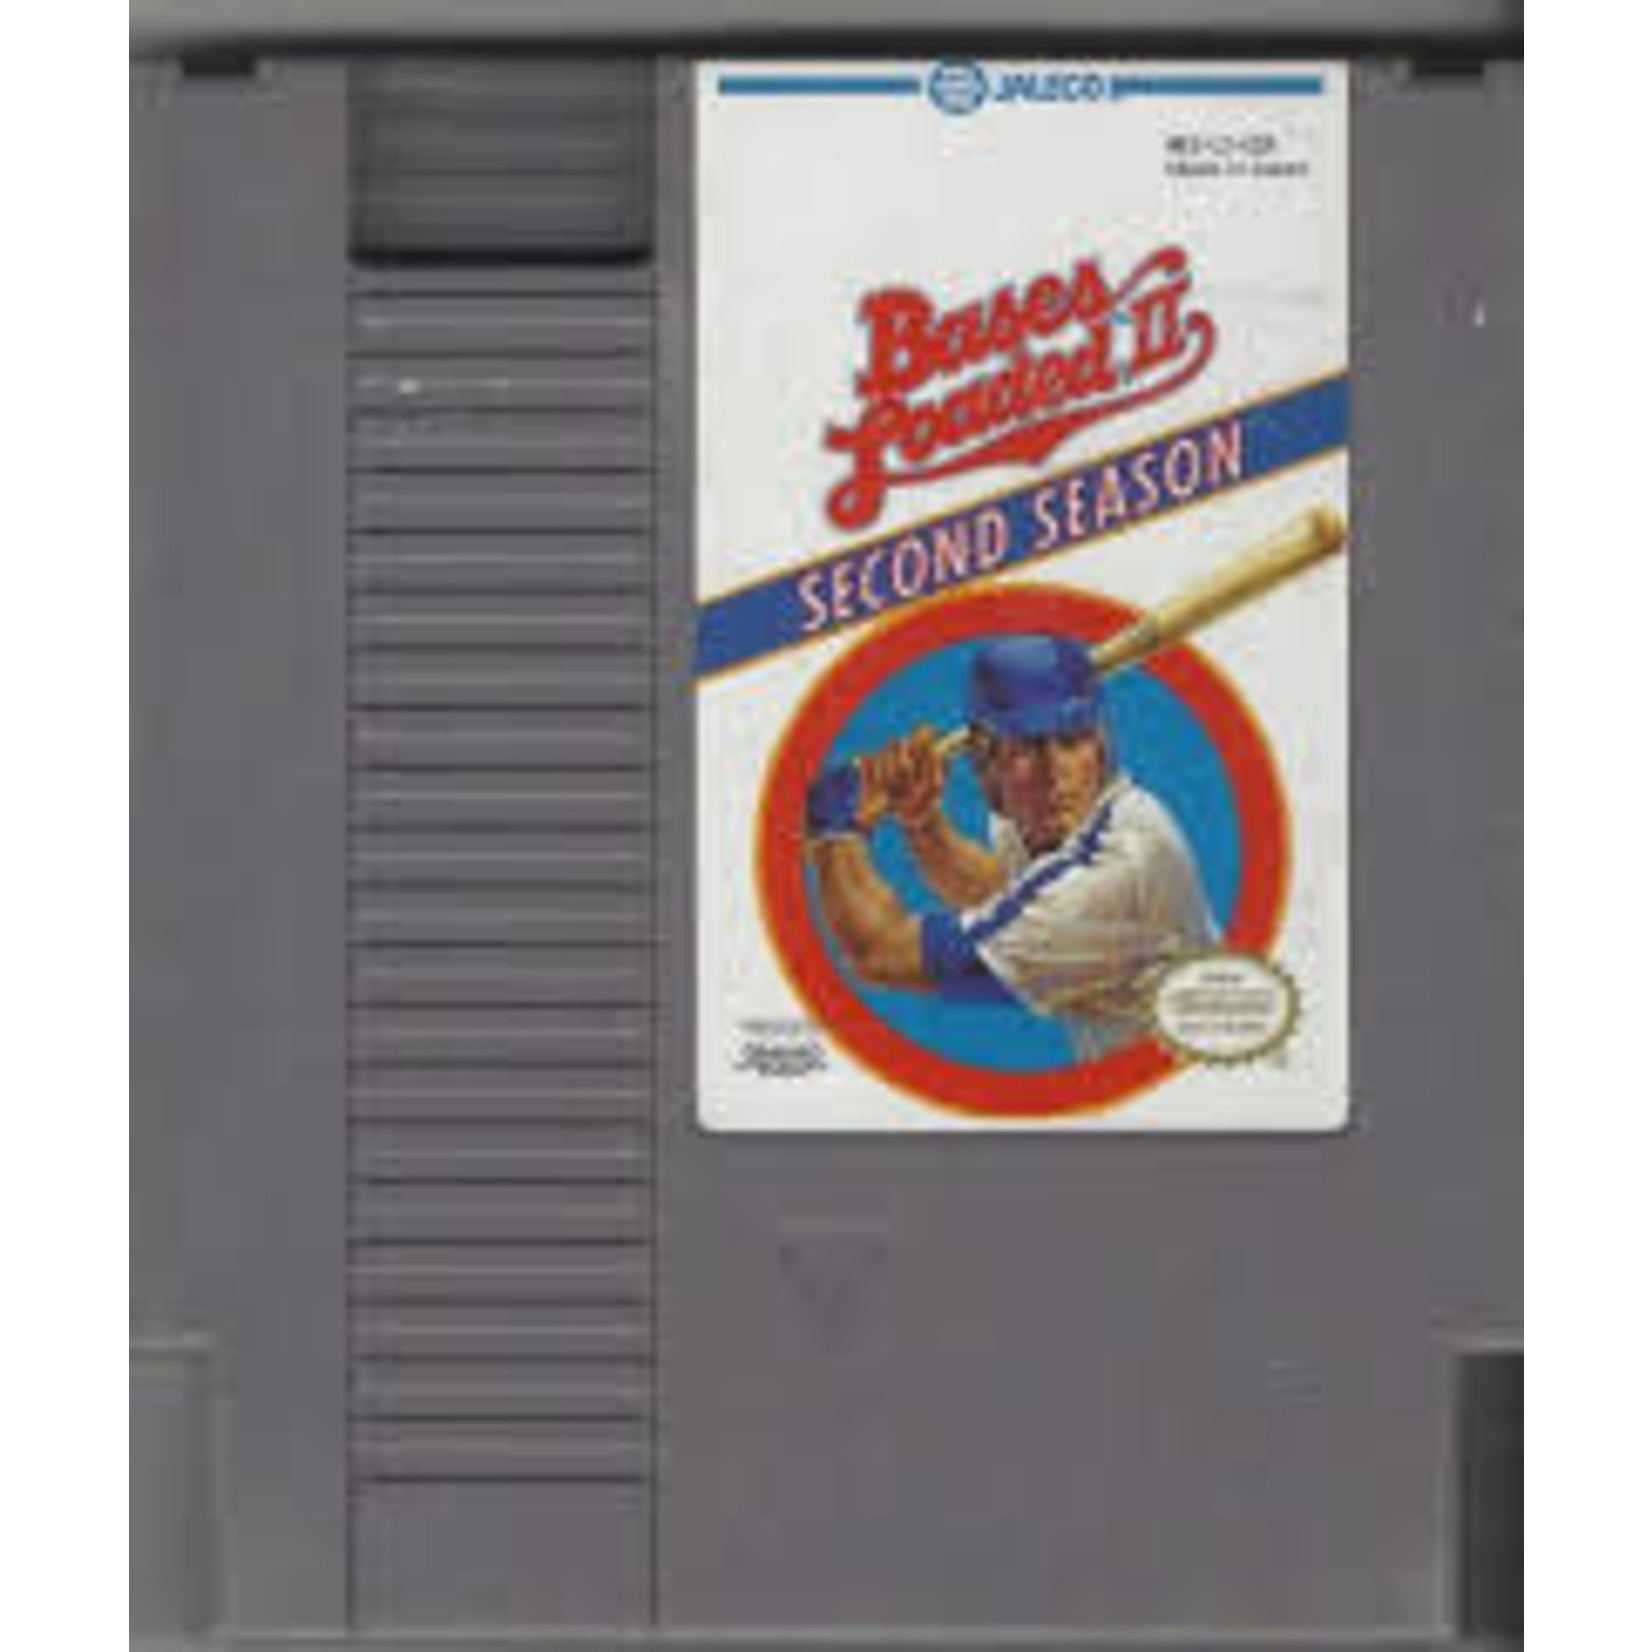 Bases Loaded 2 Second Season (NES)